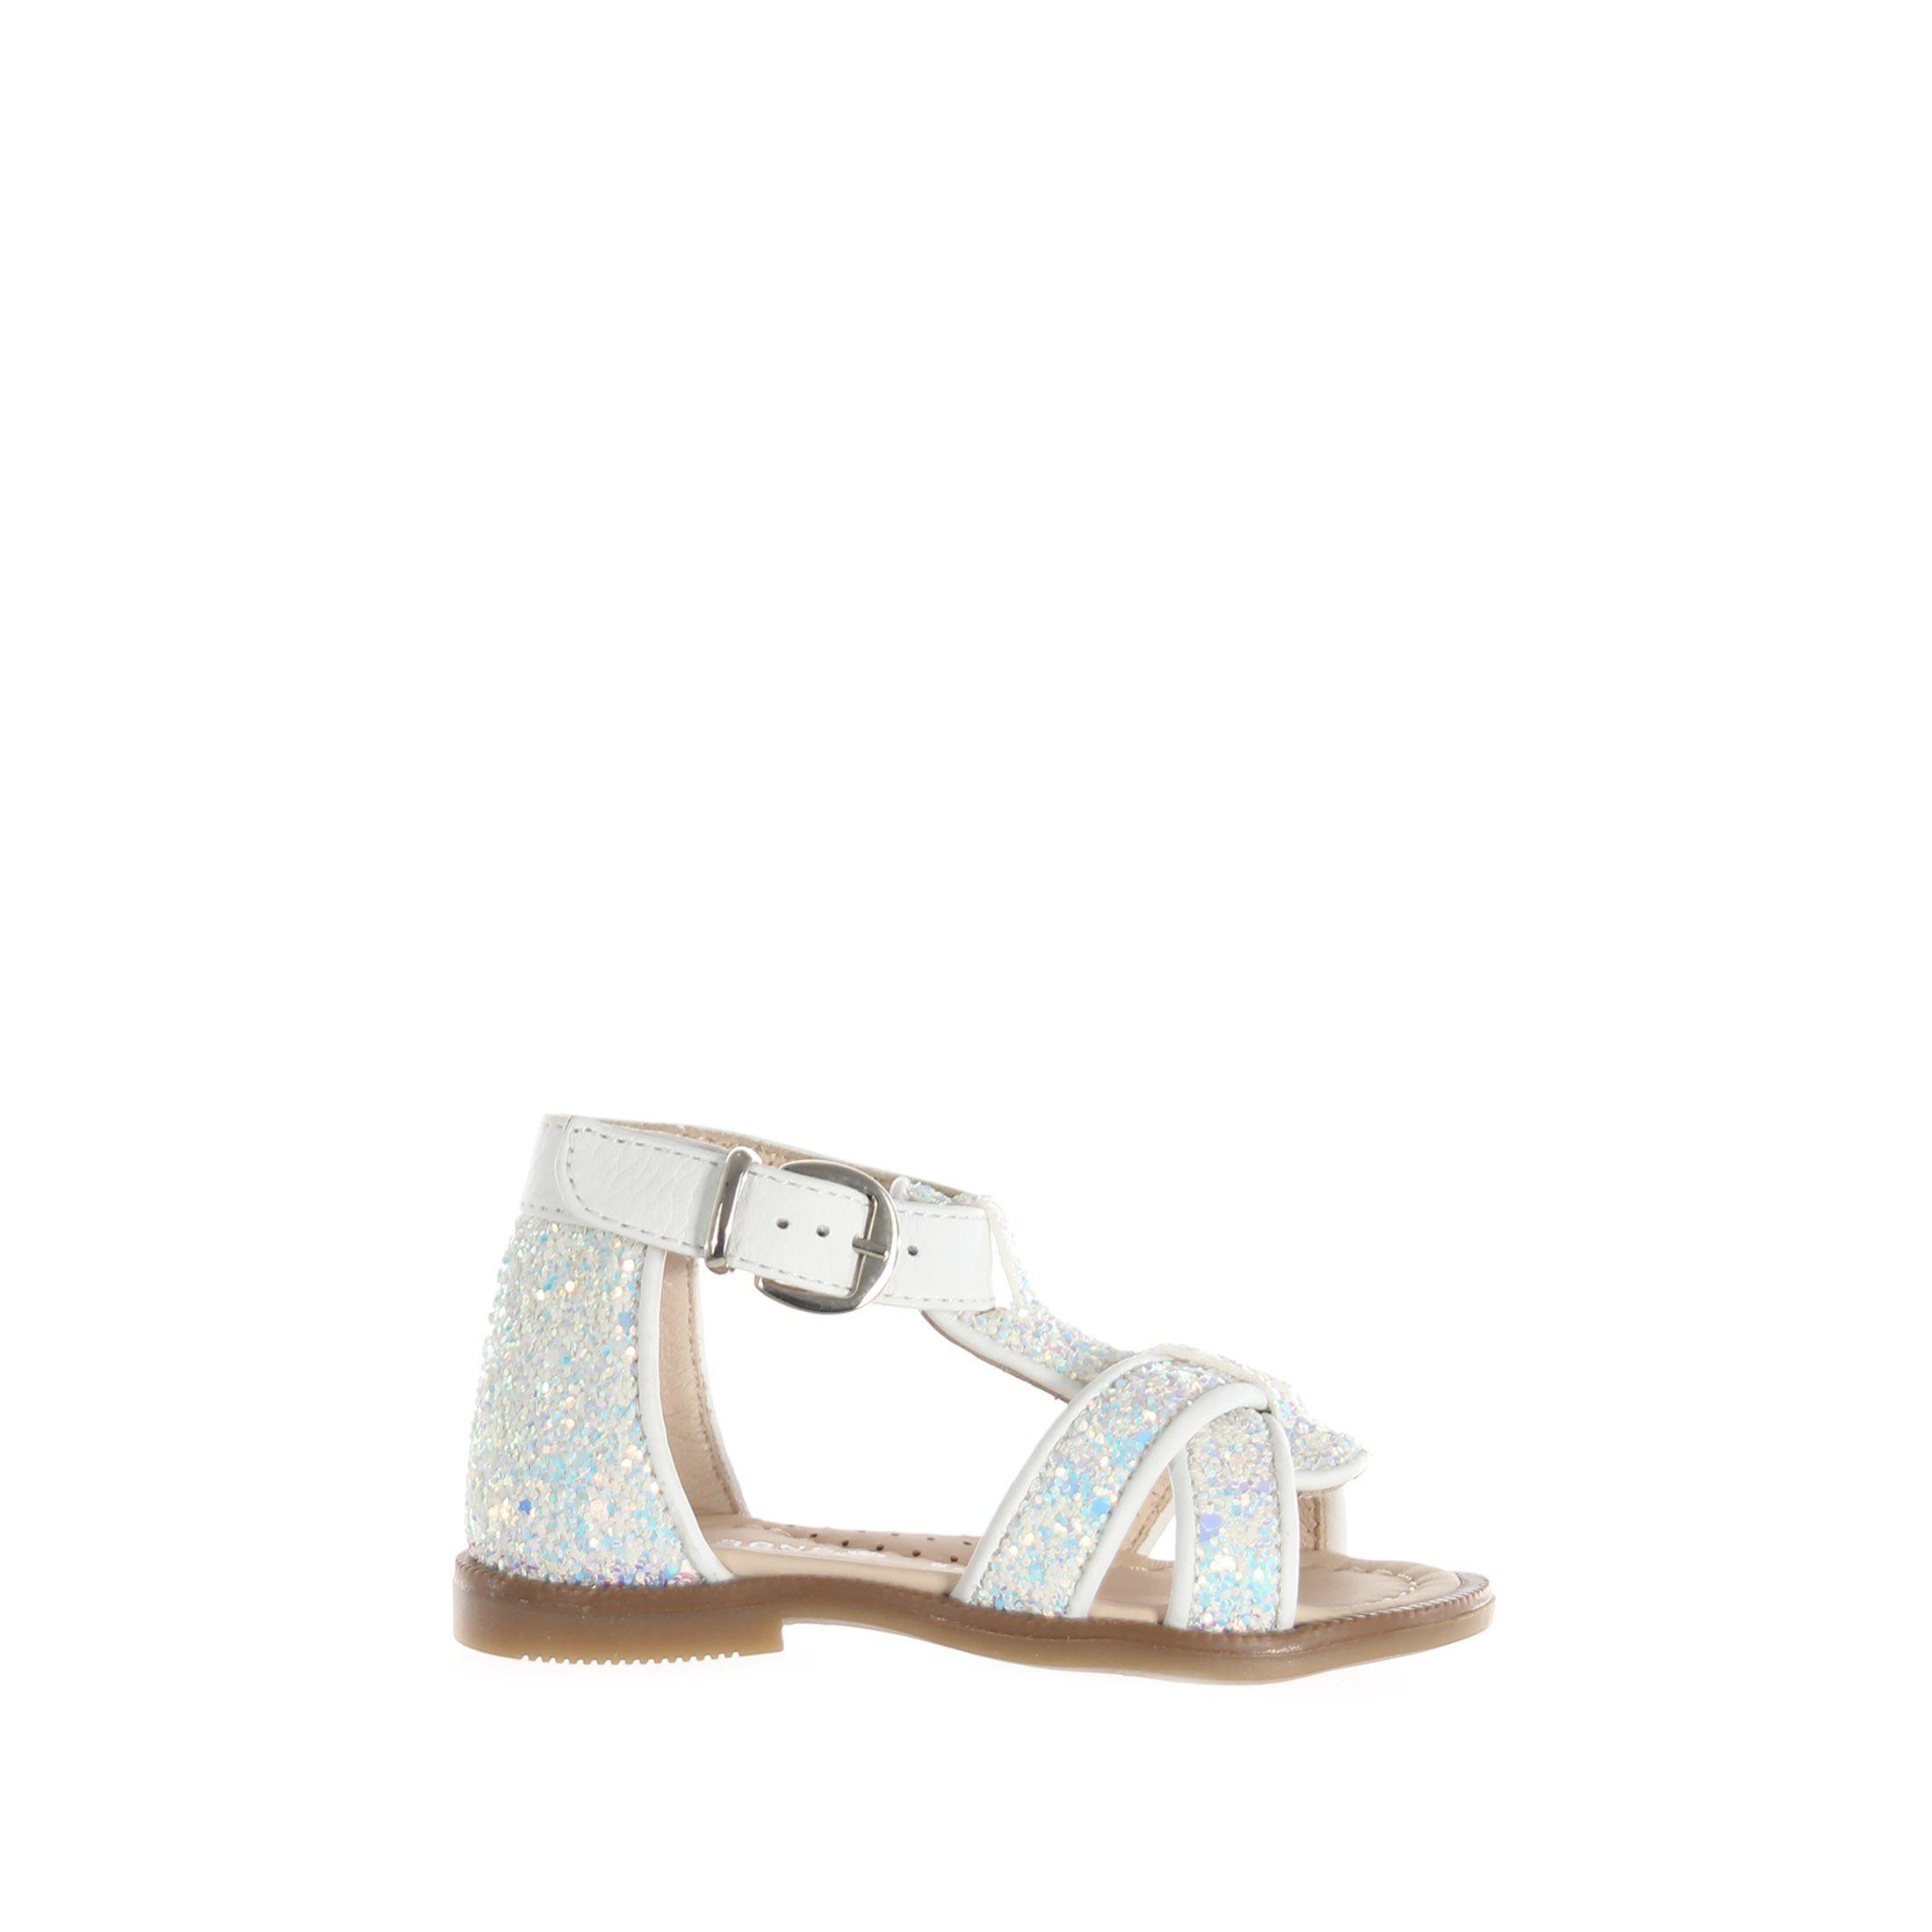 Florens sandaletto in pelle e glitter da bambina